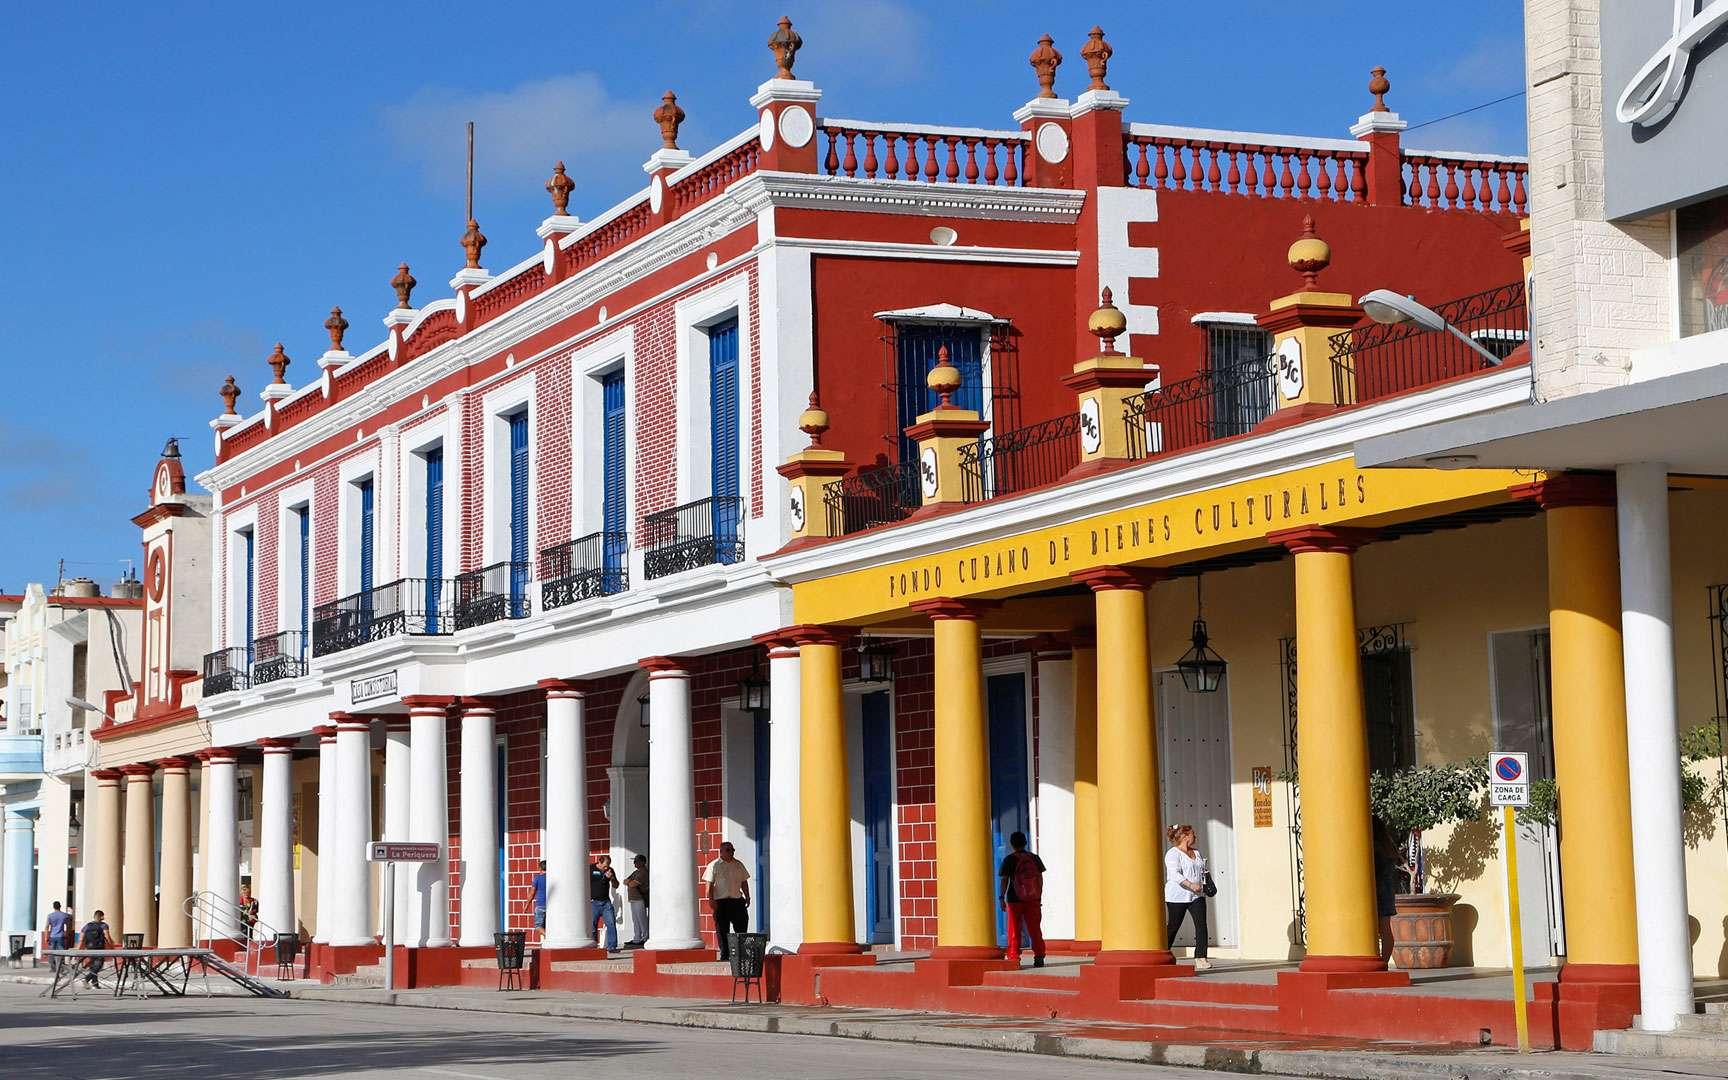 les maisons cubaines sont particulièrement colorées, comme ici, à Camagüey. © Antoine, DR